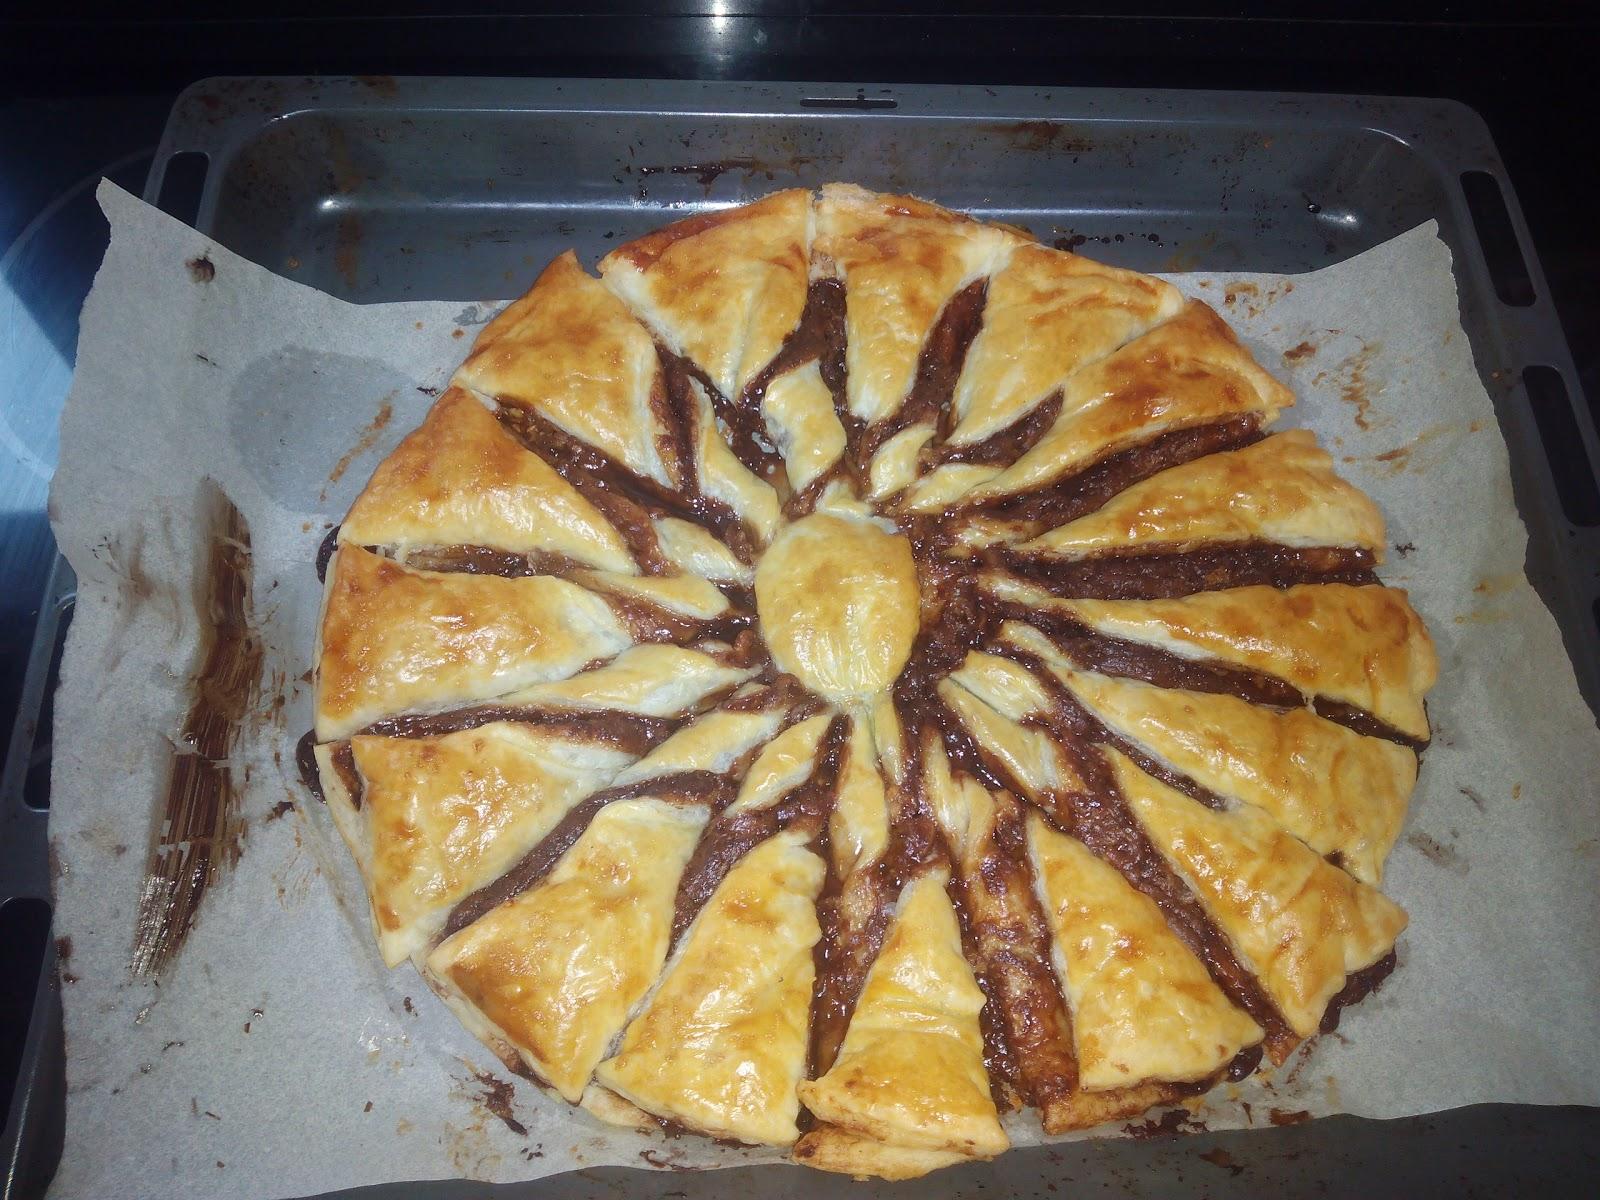 Cocina con rachel flor de hojaldre con nocilla - Racholas cocina ...